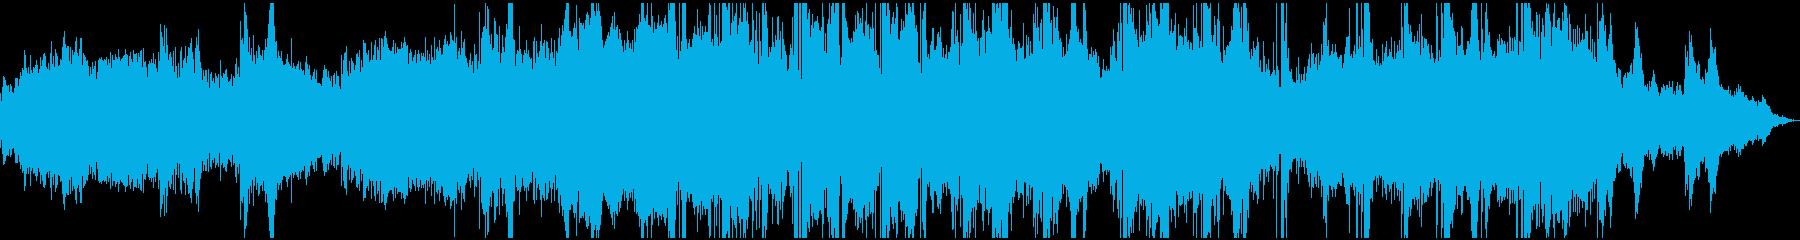 アルペジオで作る幻想的なエンディングの再生済みの波形